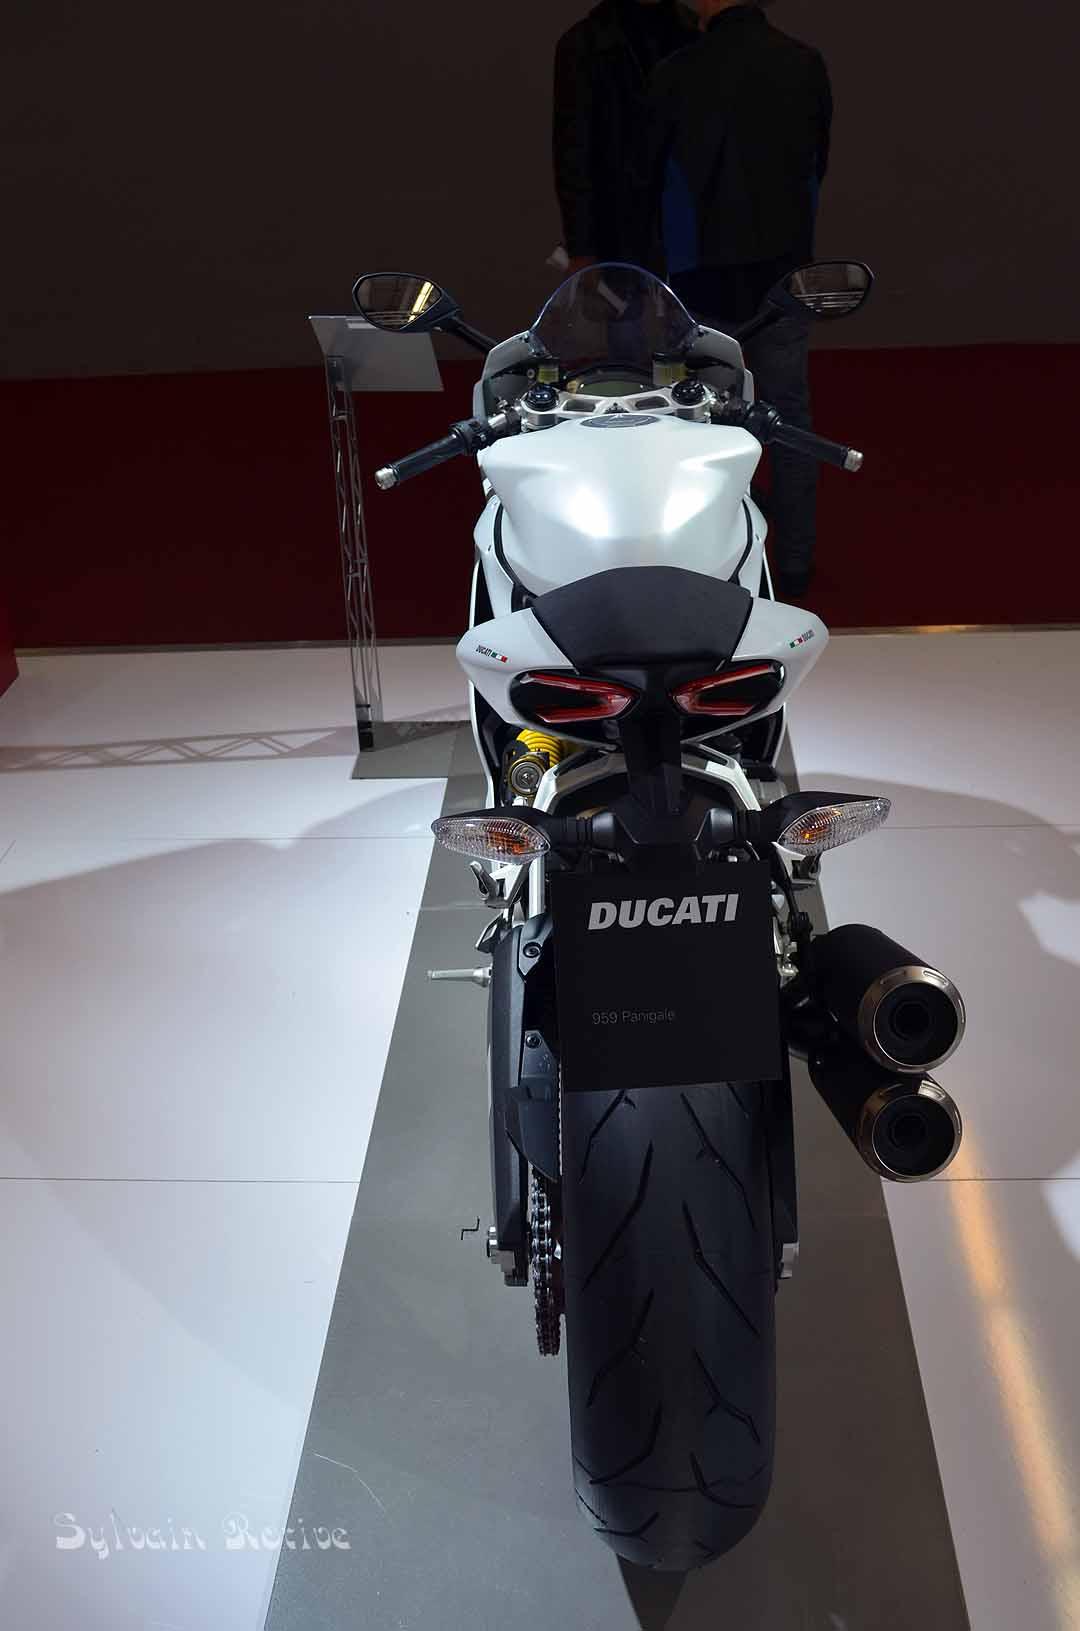 Salon de la moto paris 2015192 objectif moto for Salon de la photo paris